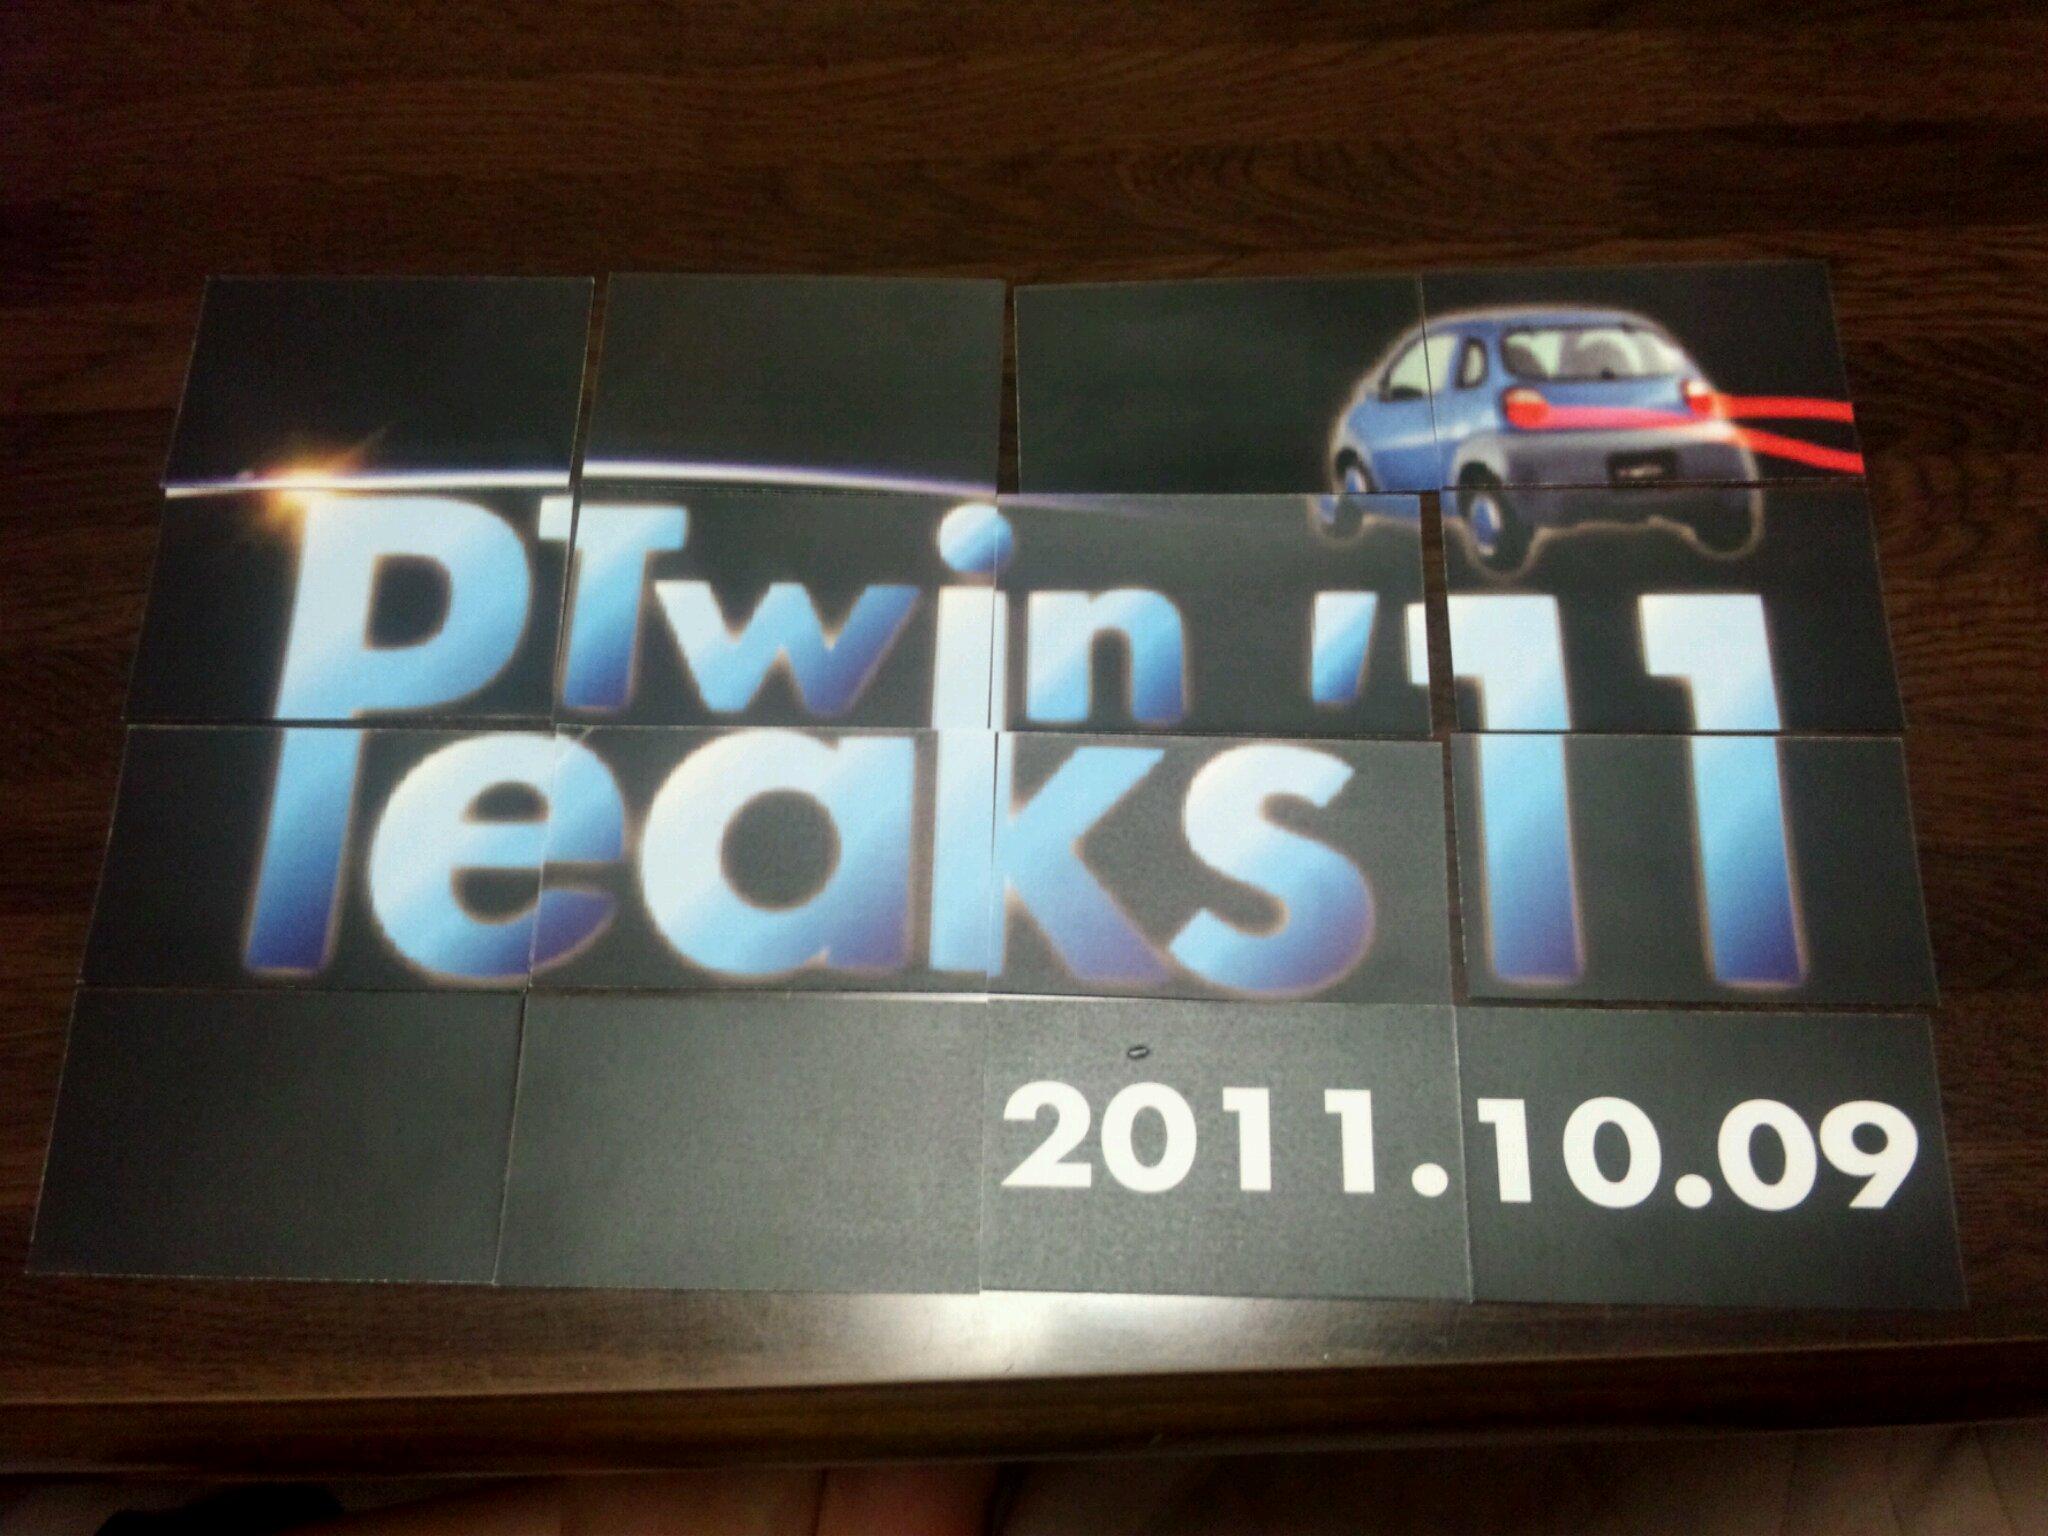 TwinPeaks'11